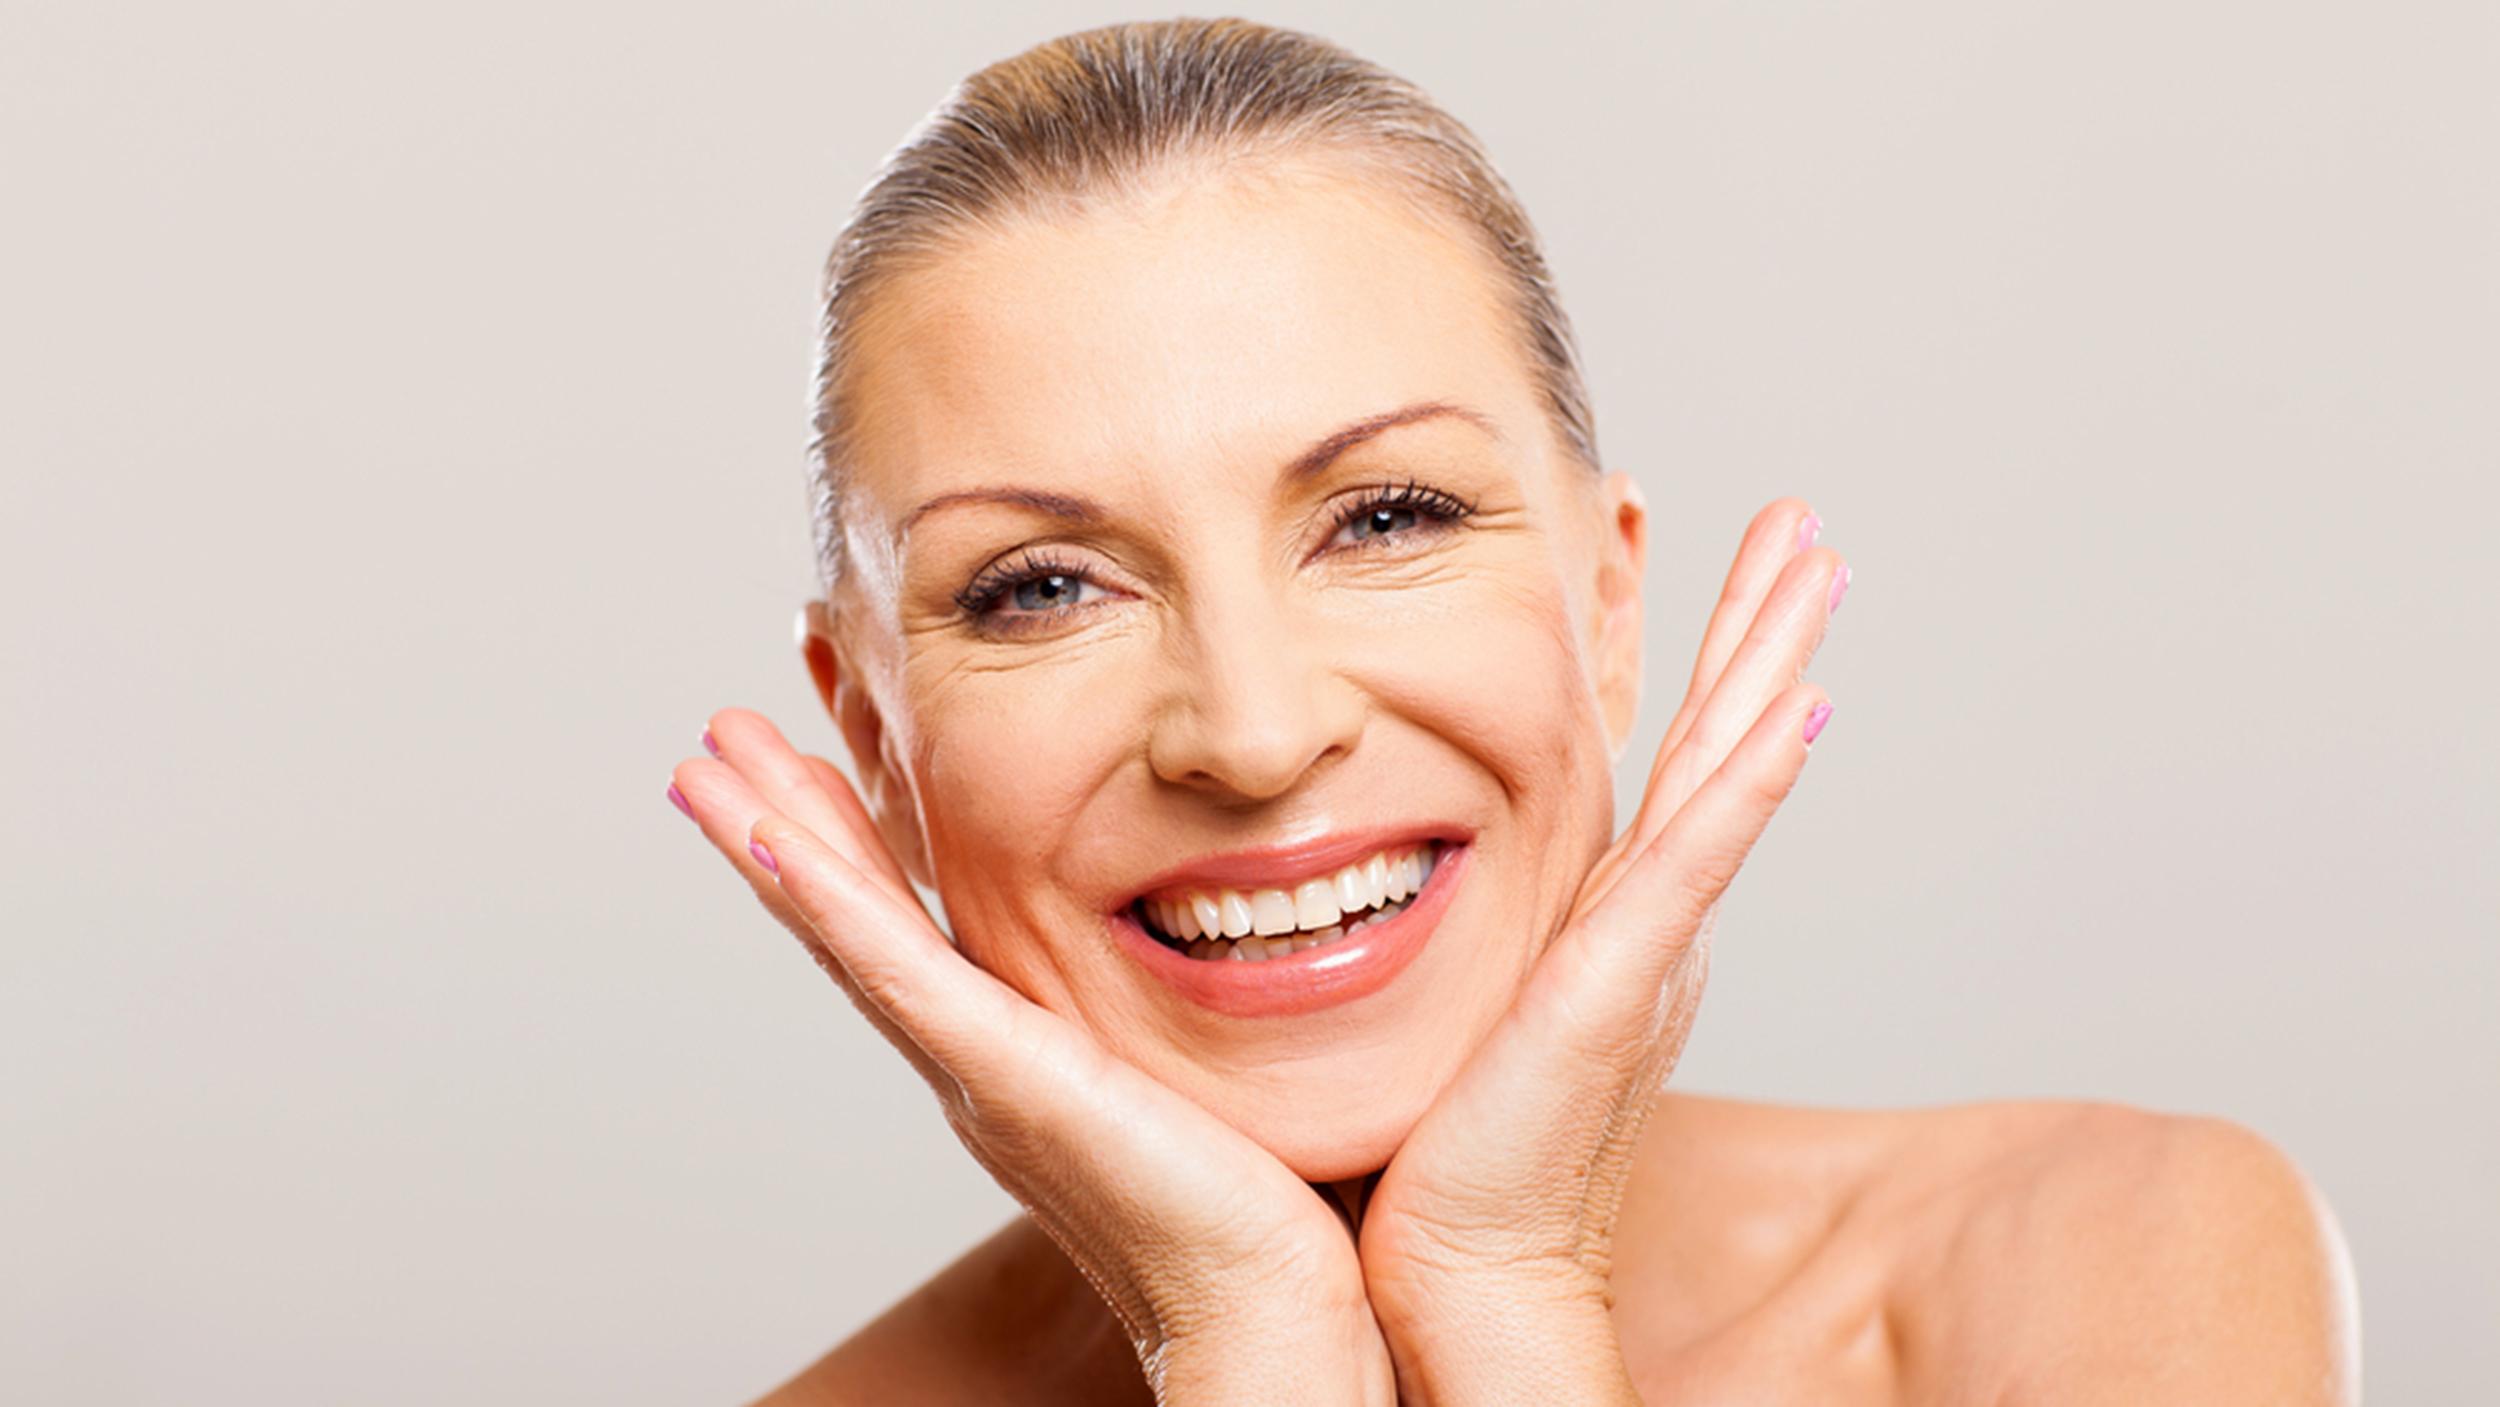 Уход за кожей в первые дни после биоревитализации